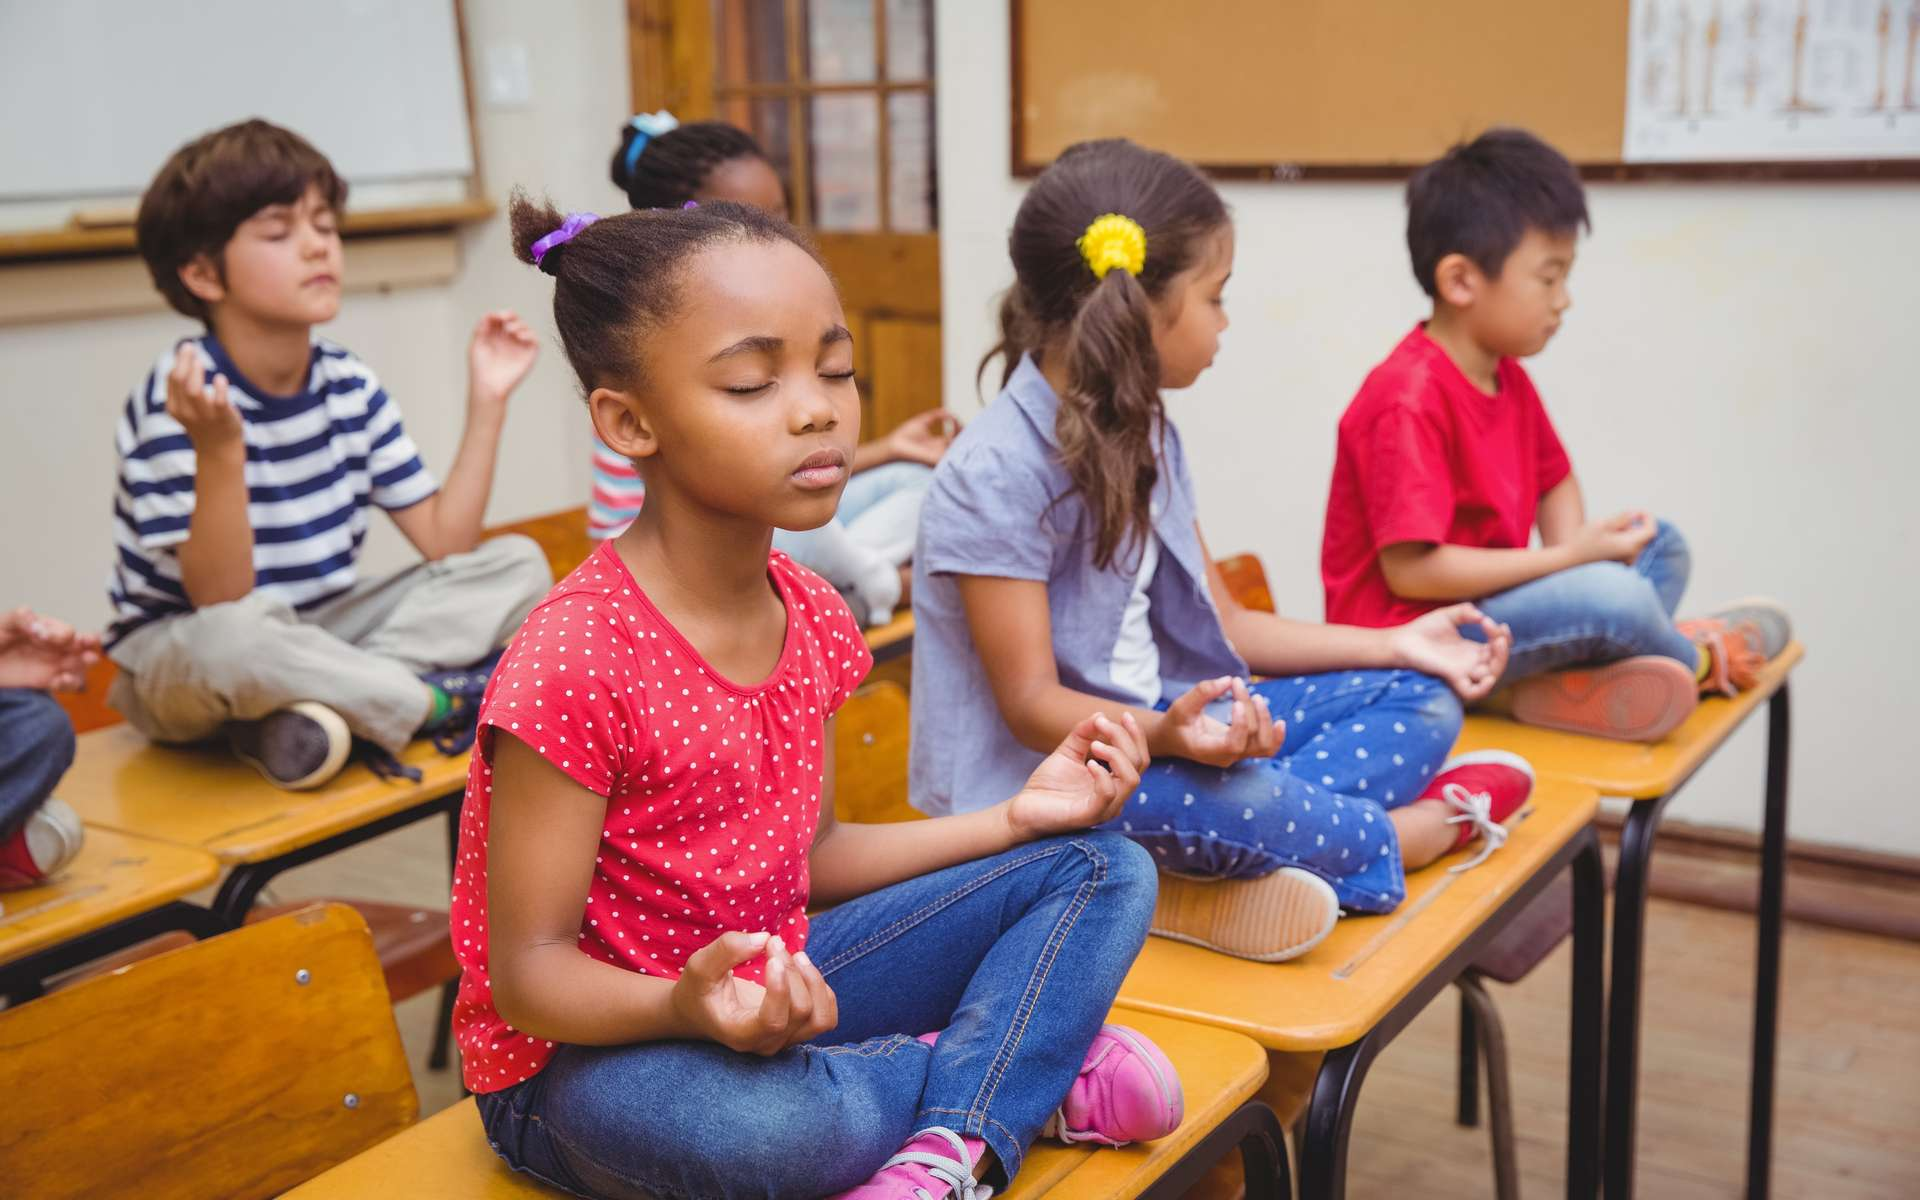 La méditation à l'école serait bénéfique pour les élèves comme pour l'équipe enseignante et administrative. © WavebreakMediaMicro, Adobe Stock